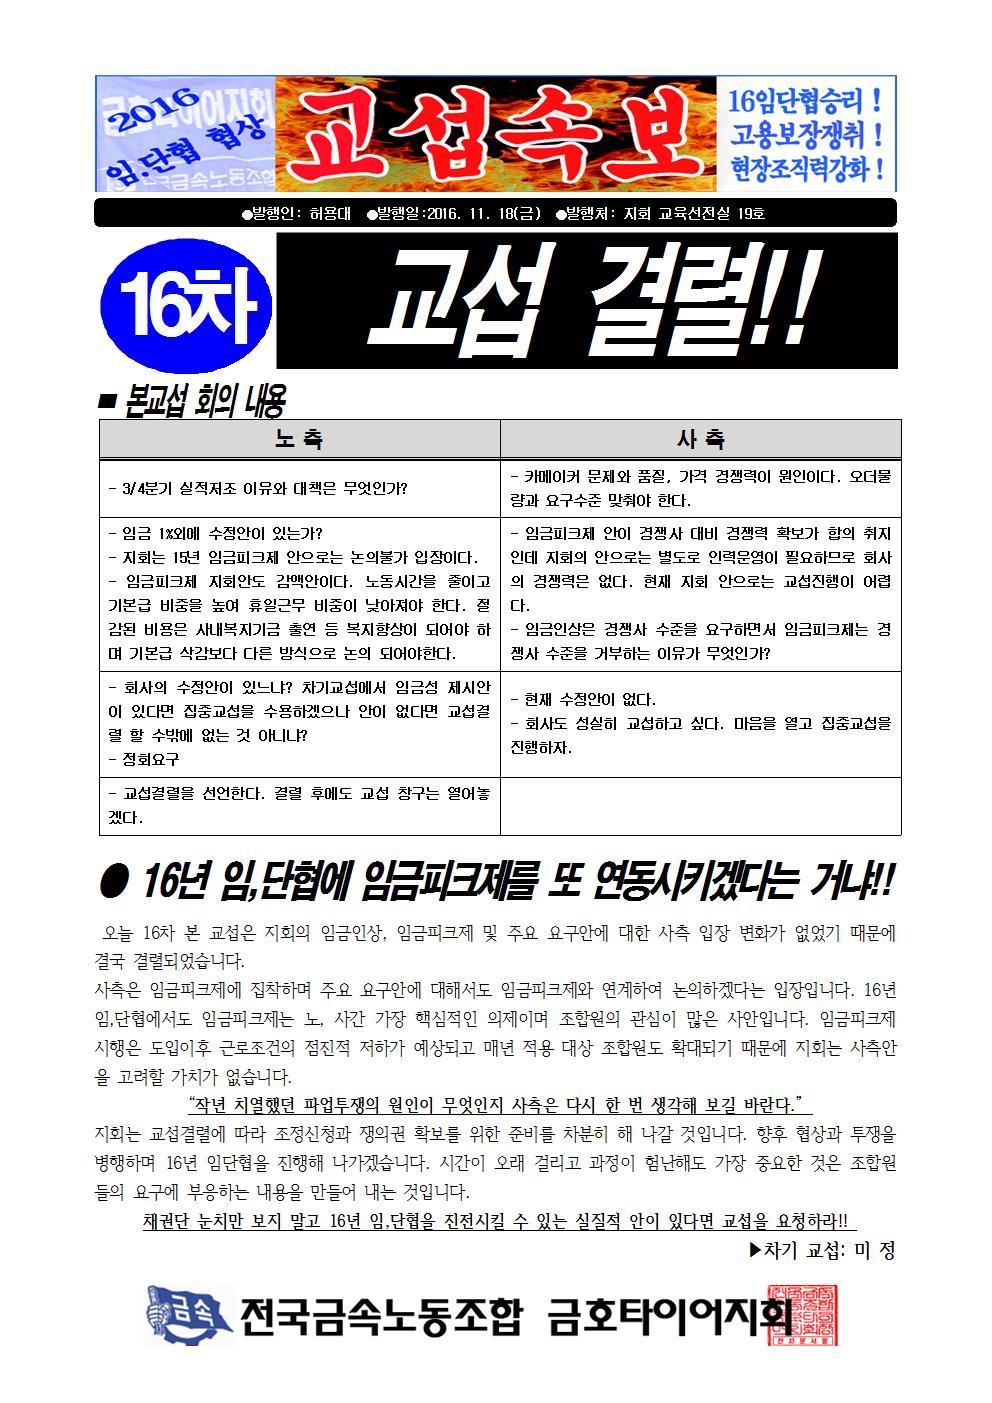 2016년 16차 본교섭001.jpg